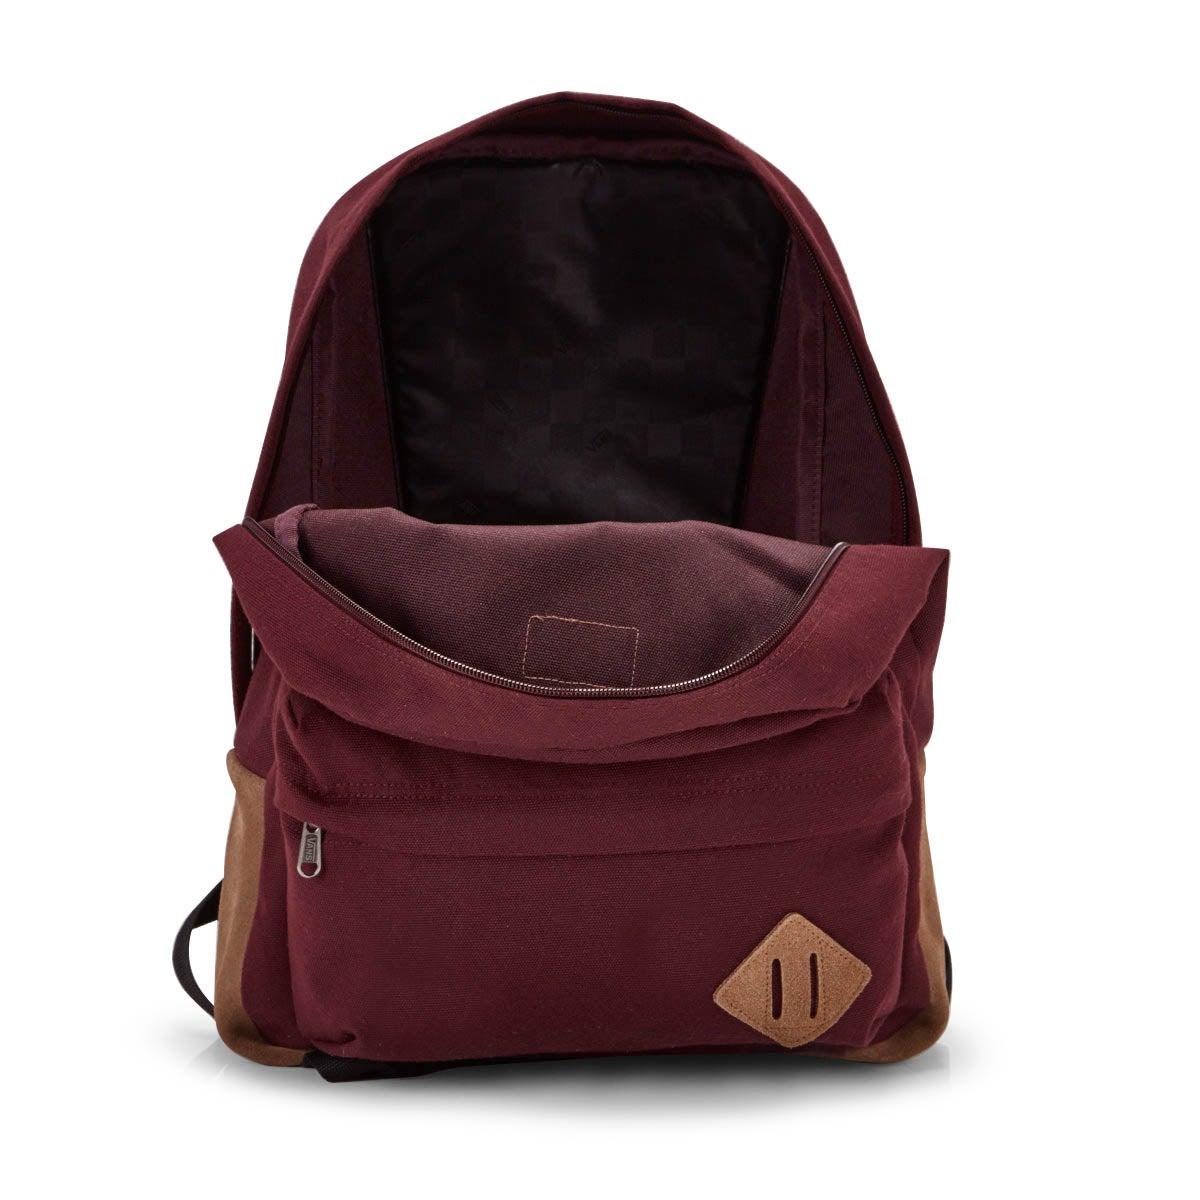 0c49a42d69 Vans   Bags & Wallets   SoftMoc.com